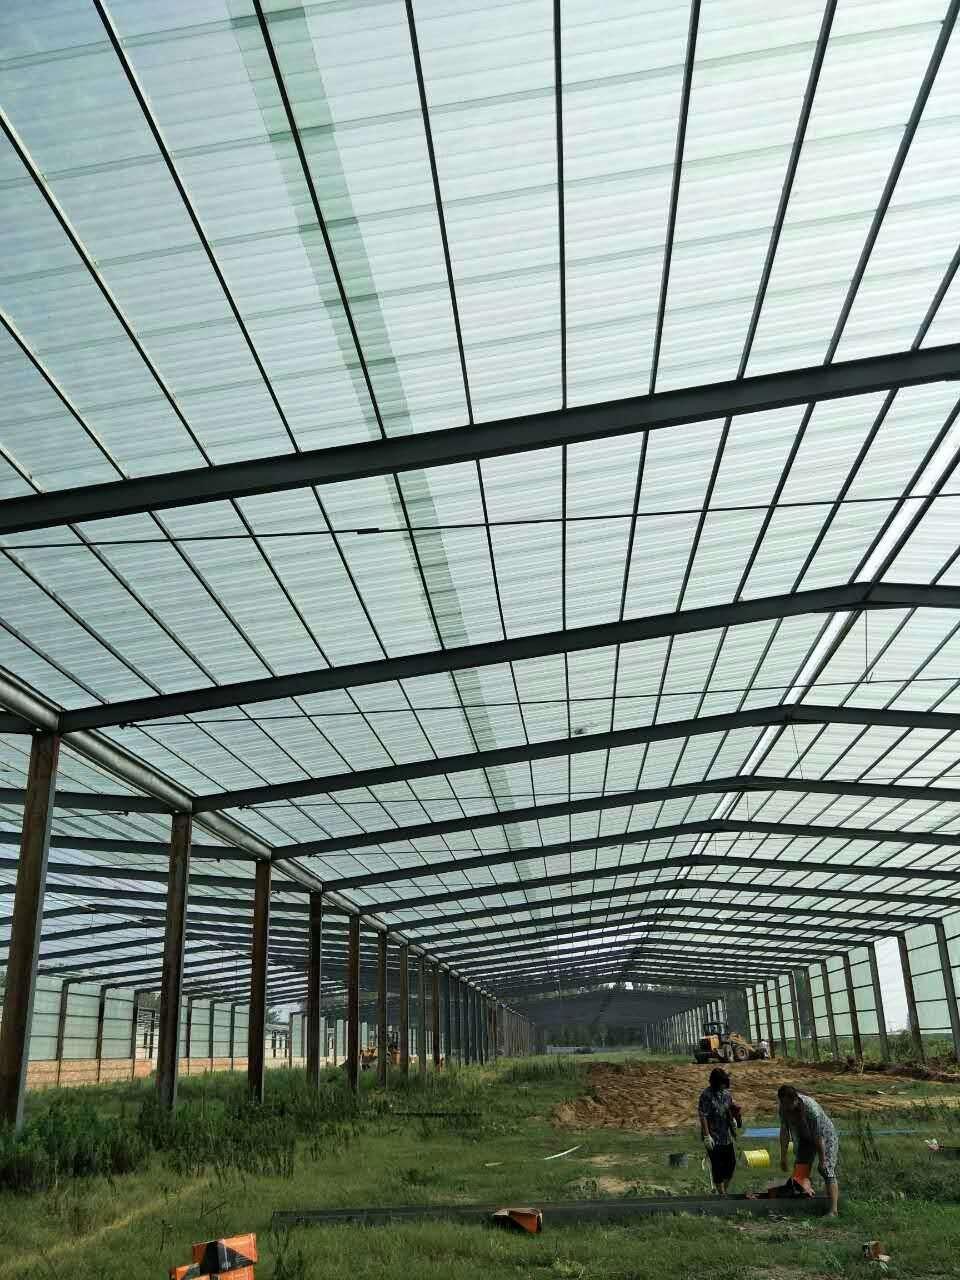 蚌埠市阳光瓦在线咨询-创优建材